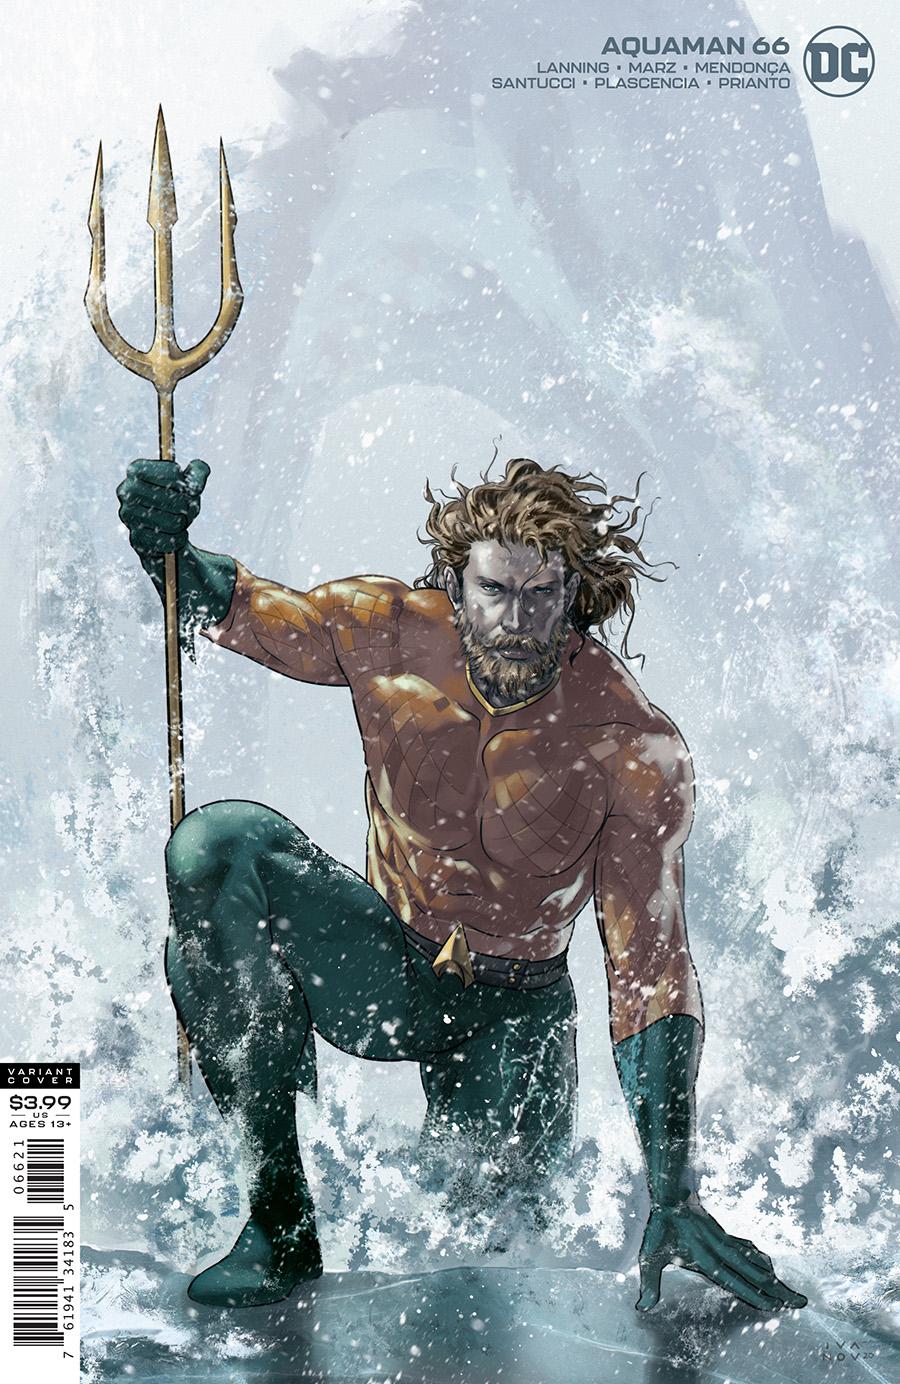 Aquaman Vol 8 #66 Cover B Dima Ivanov Variant (Endless Winter)